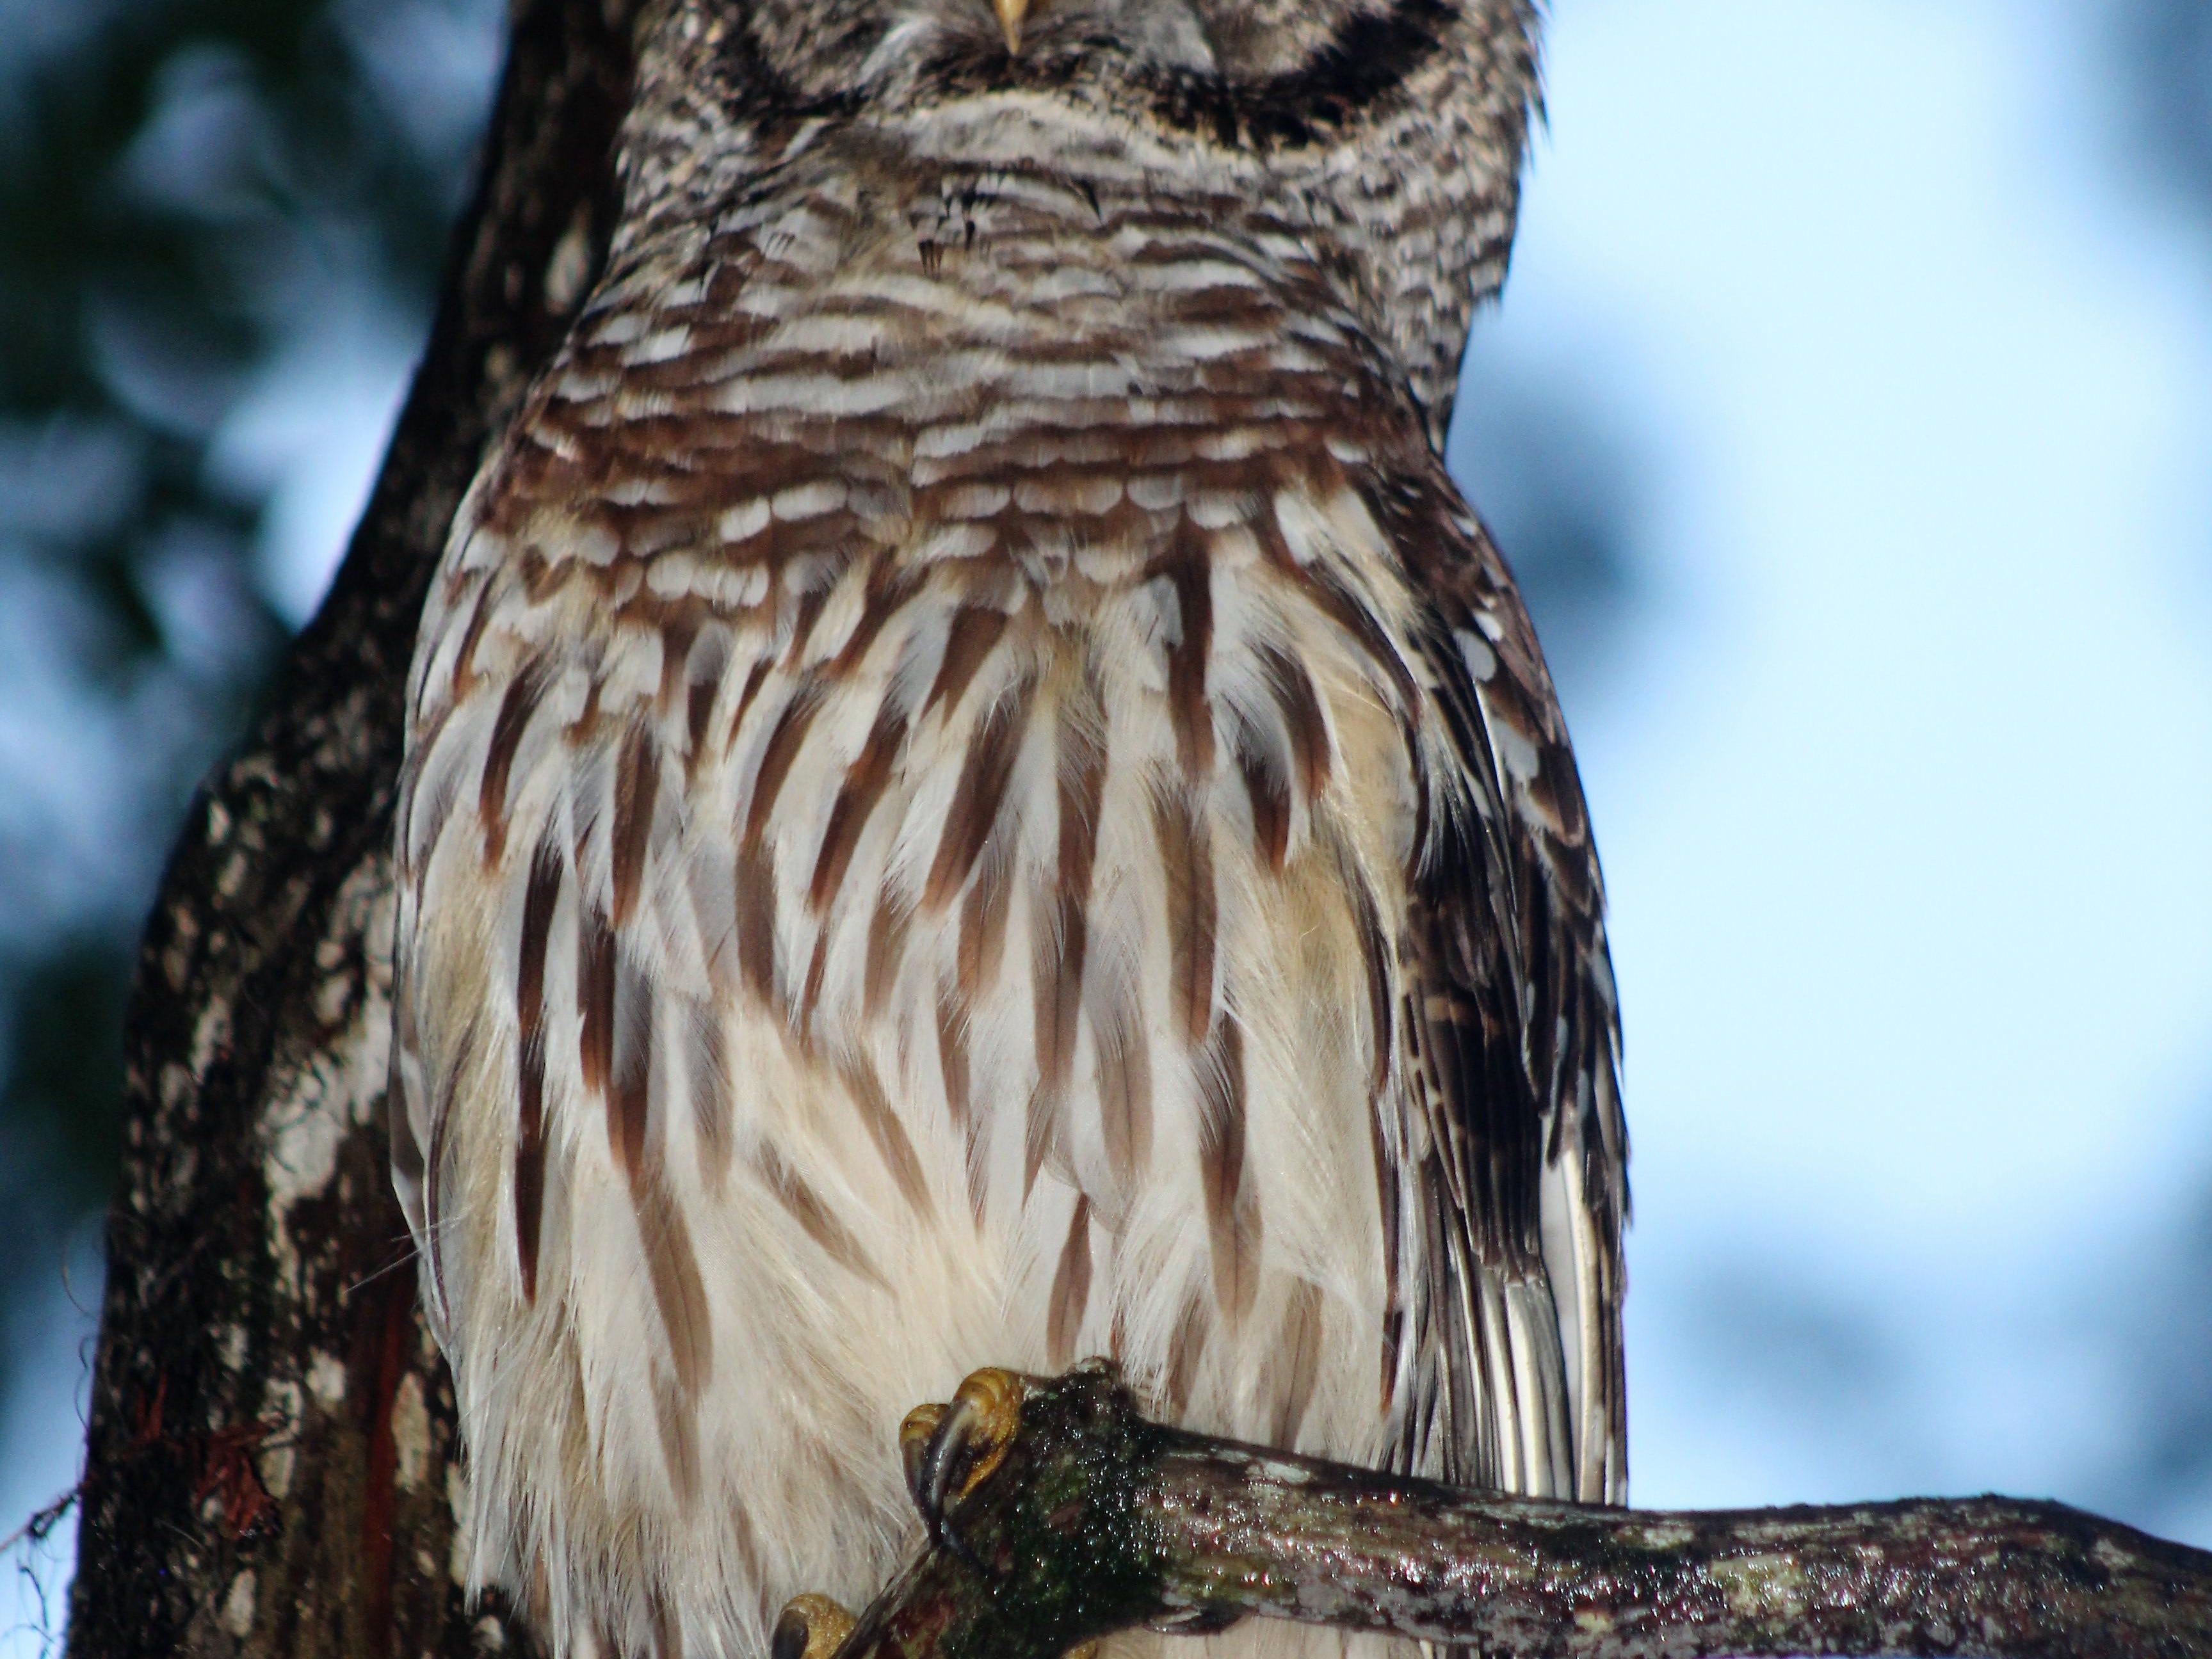 Whoooo: Local owl visiting Killearn Area